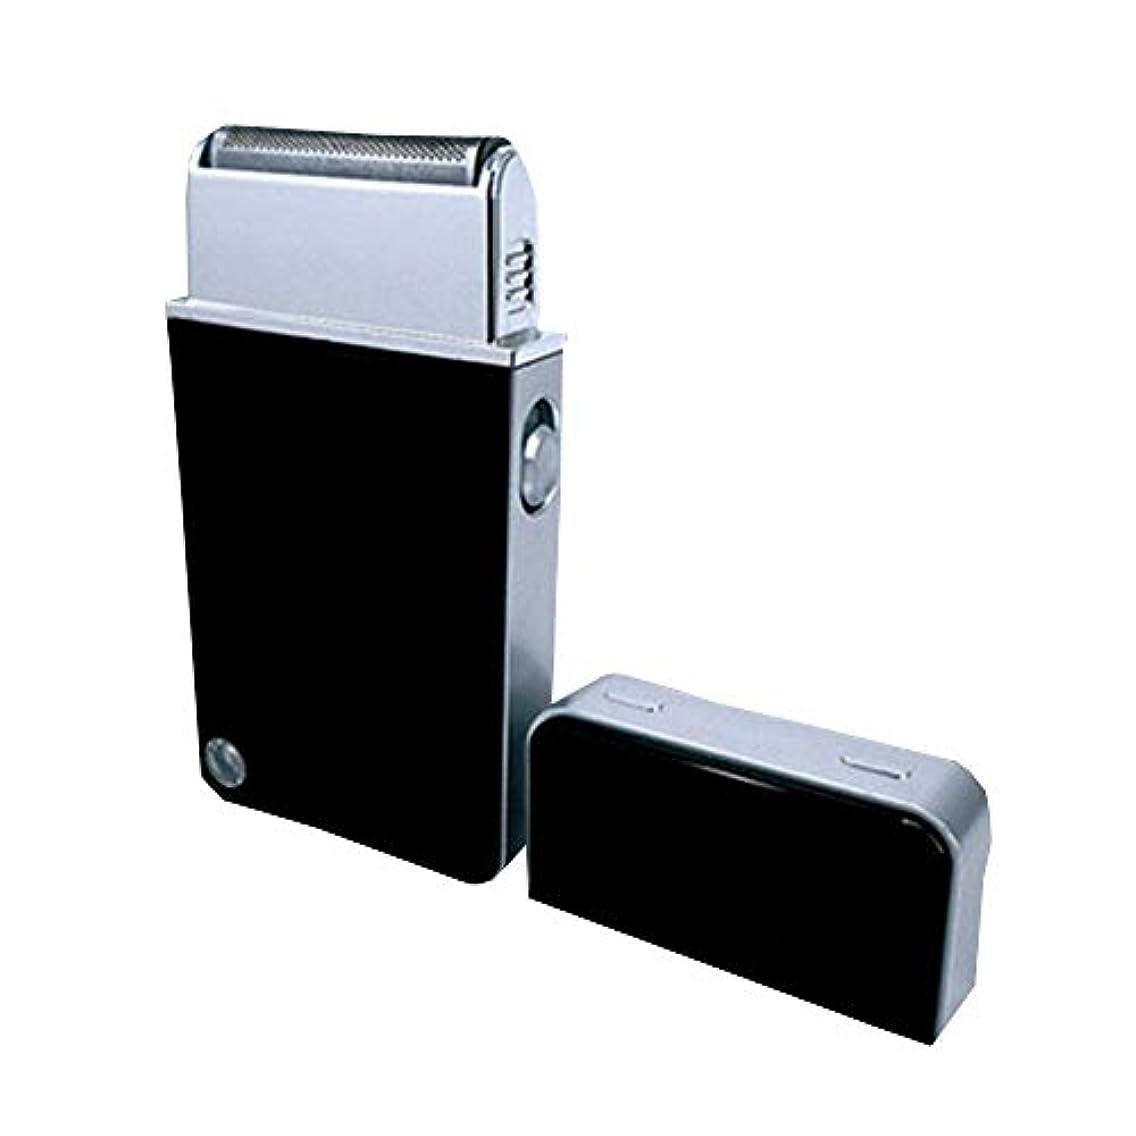 スラッシュ木曜日オーケストラ髭剃り シェーバー メンズ USB充電式 コンパクト 旅行用